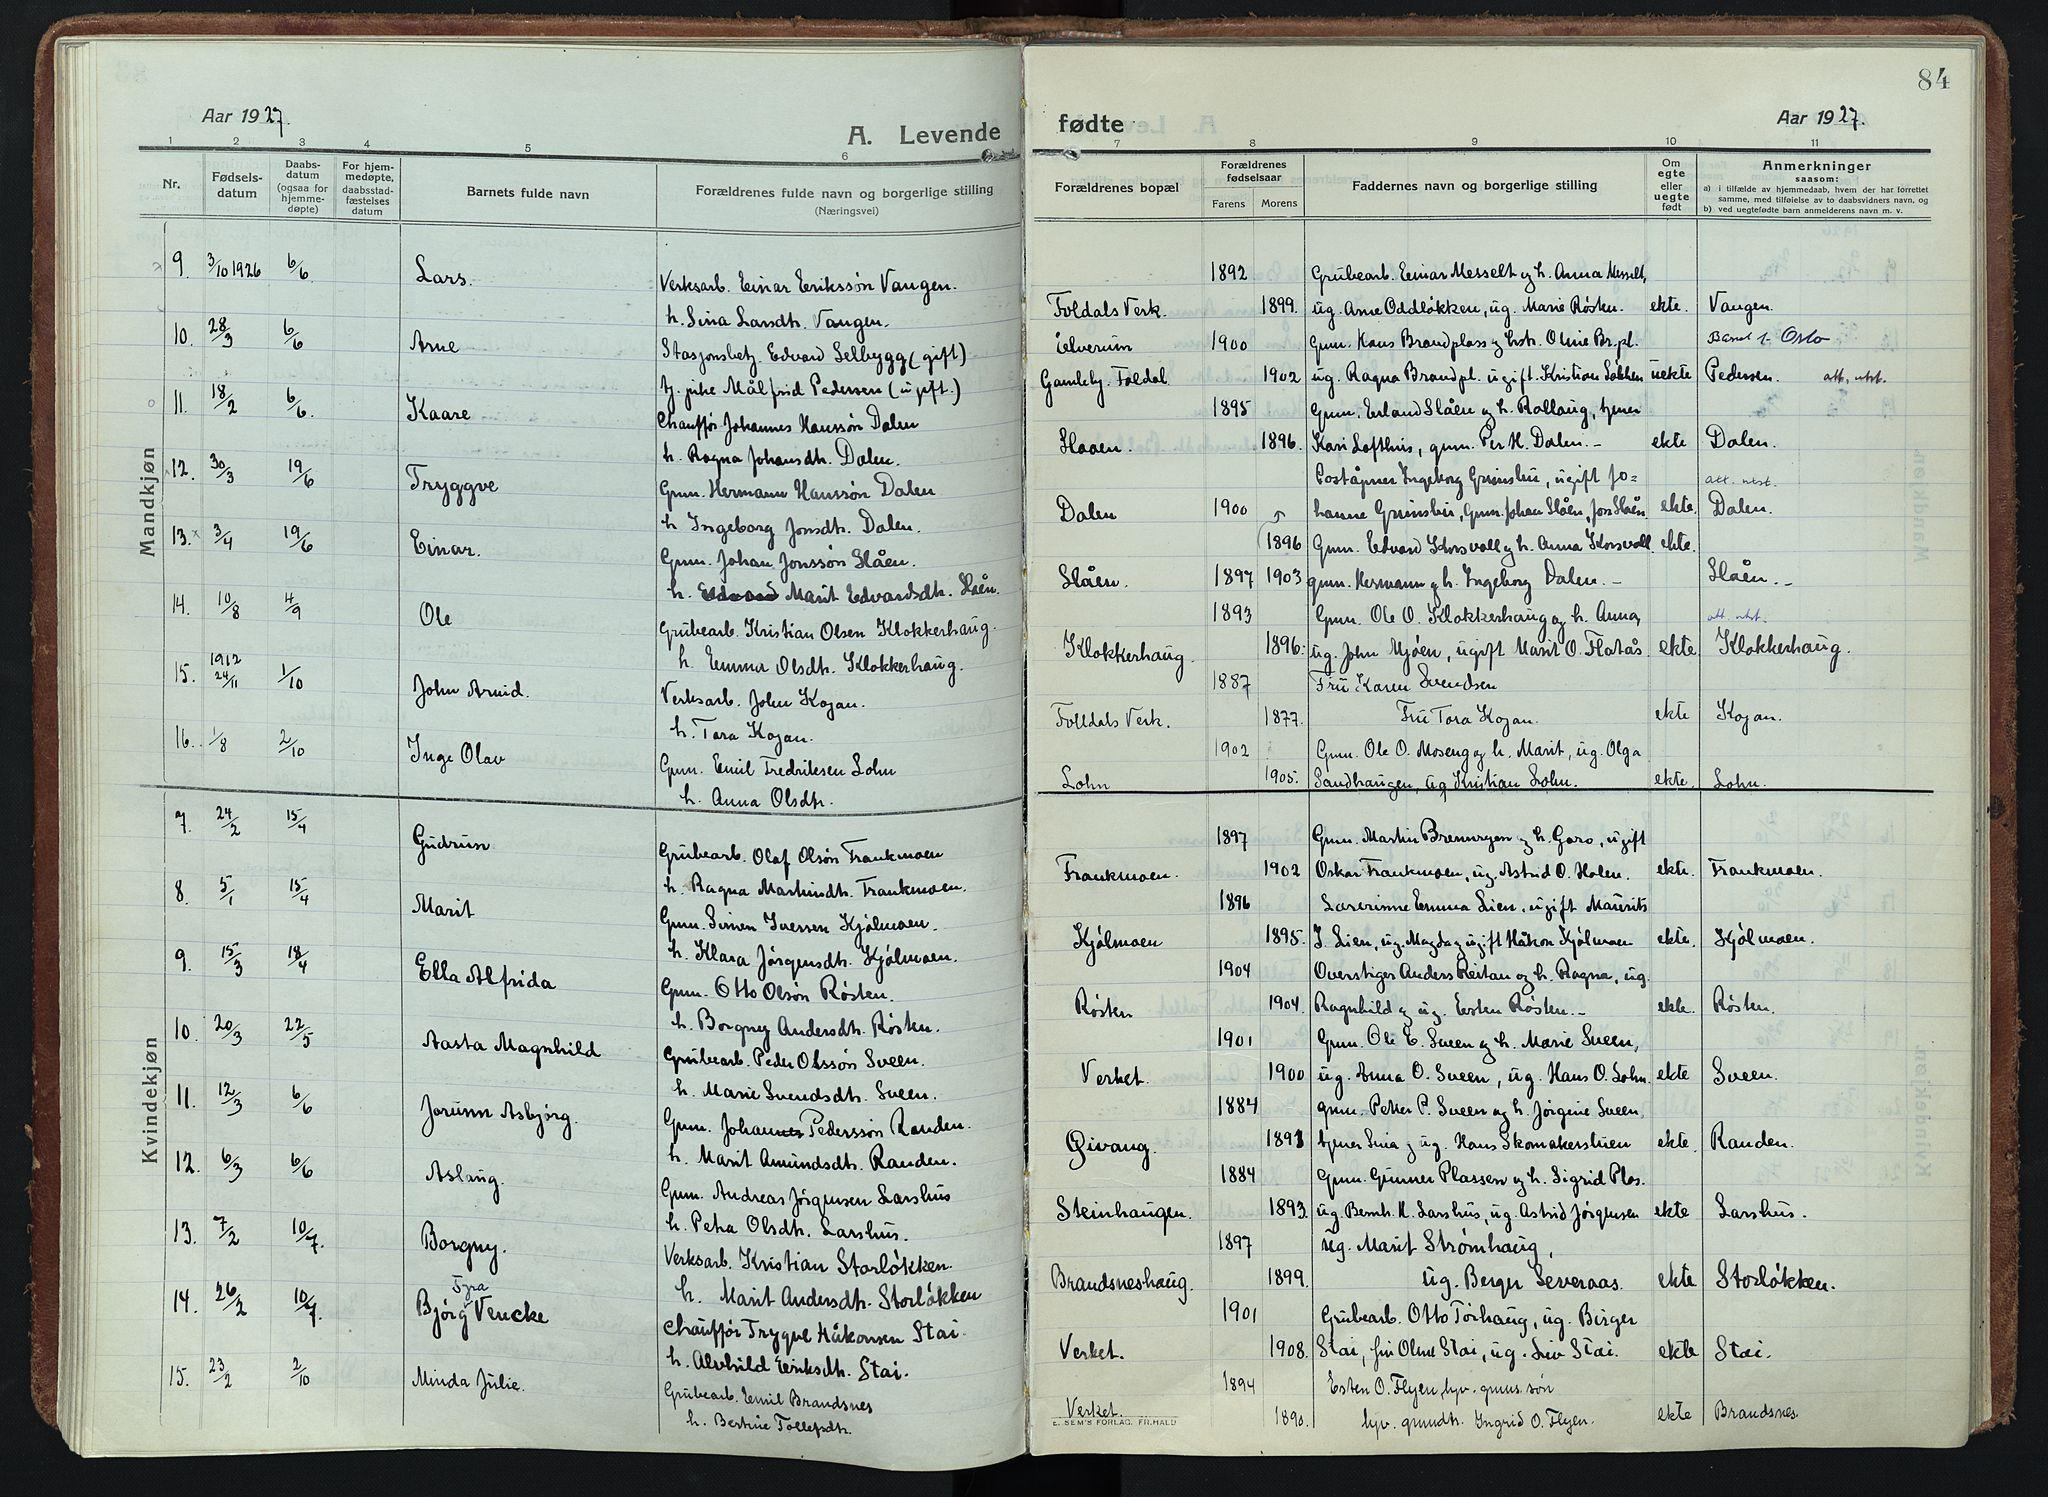 SAH, Alvdal prestekontor, Ministerialbok nr. 5, 1913-1930, s. 84